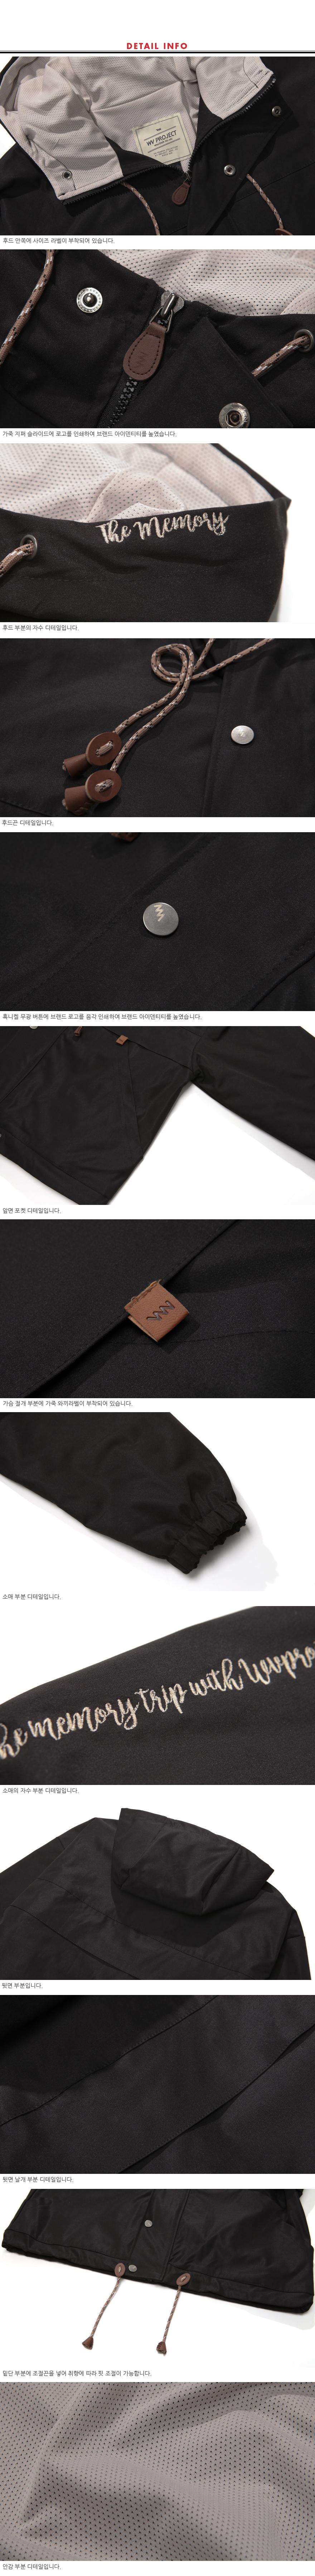 JJOT7303_detail_black.jpg